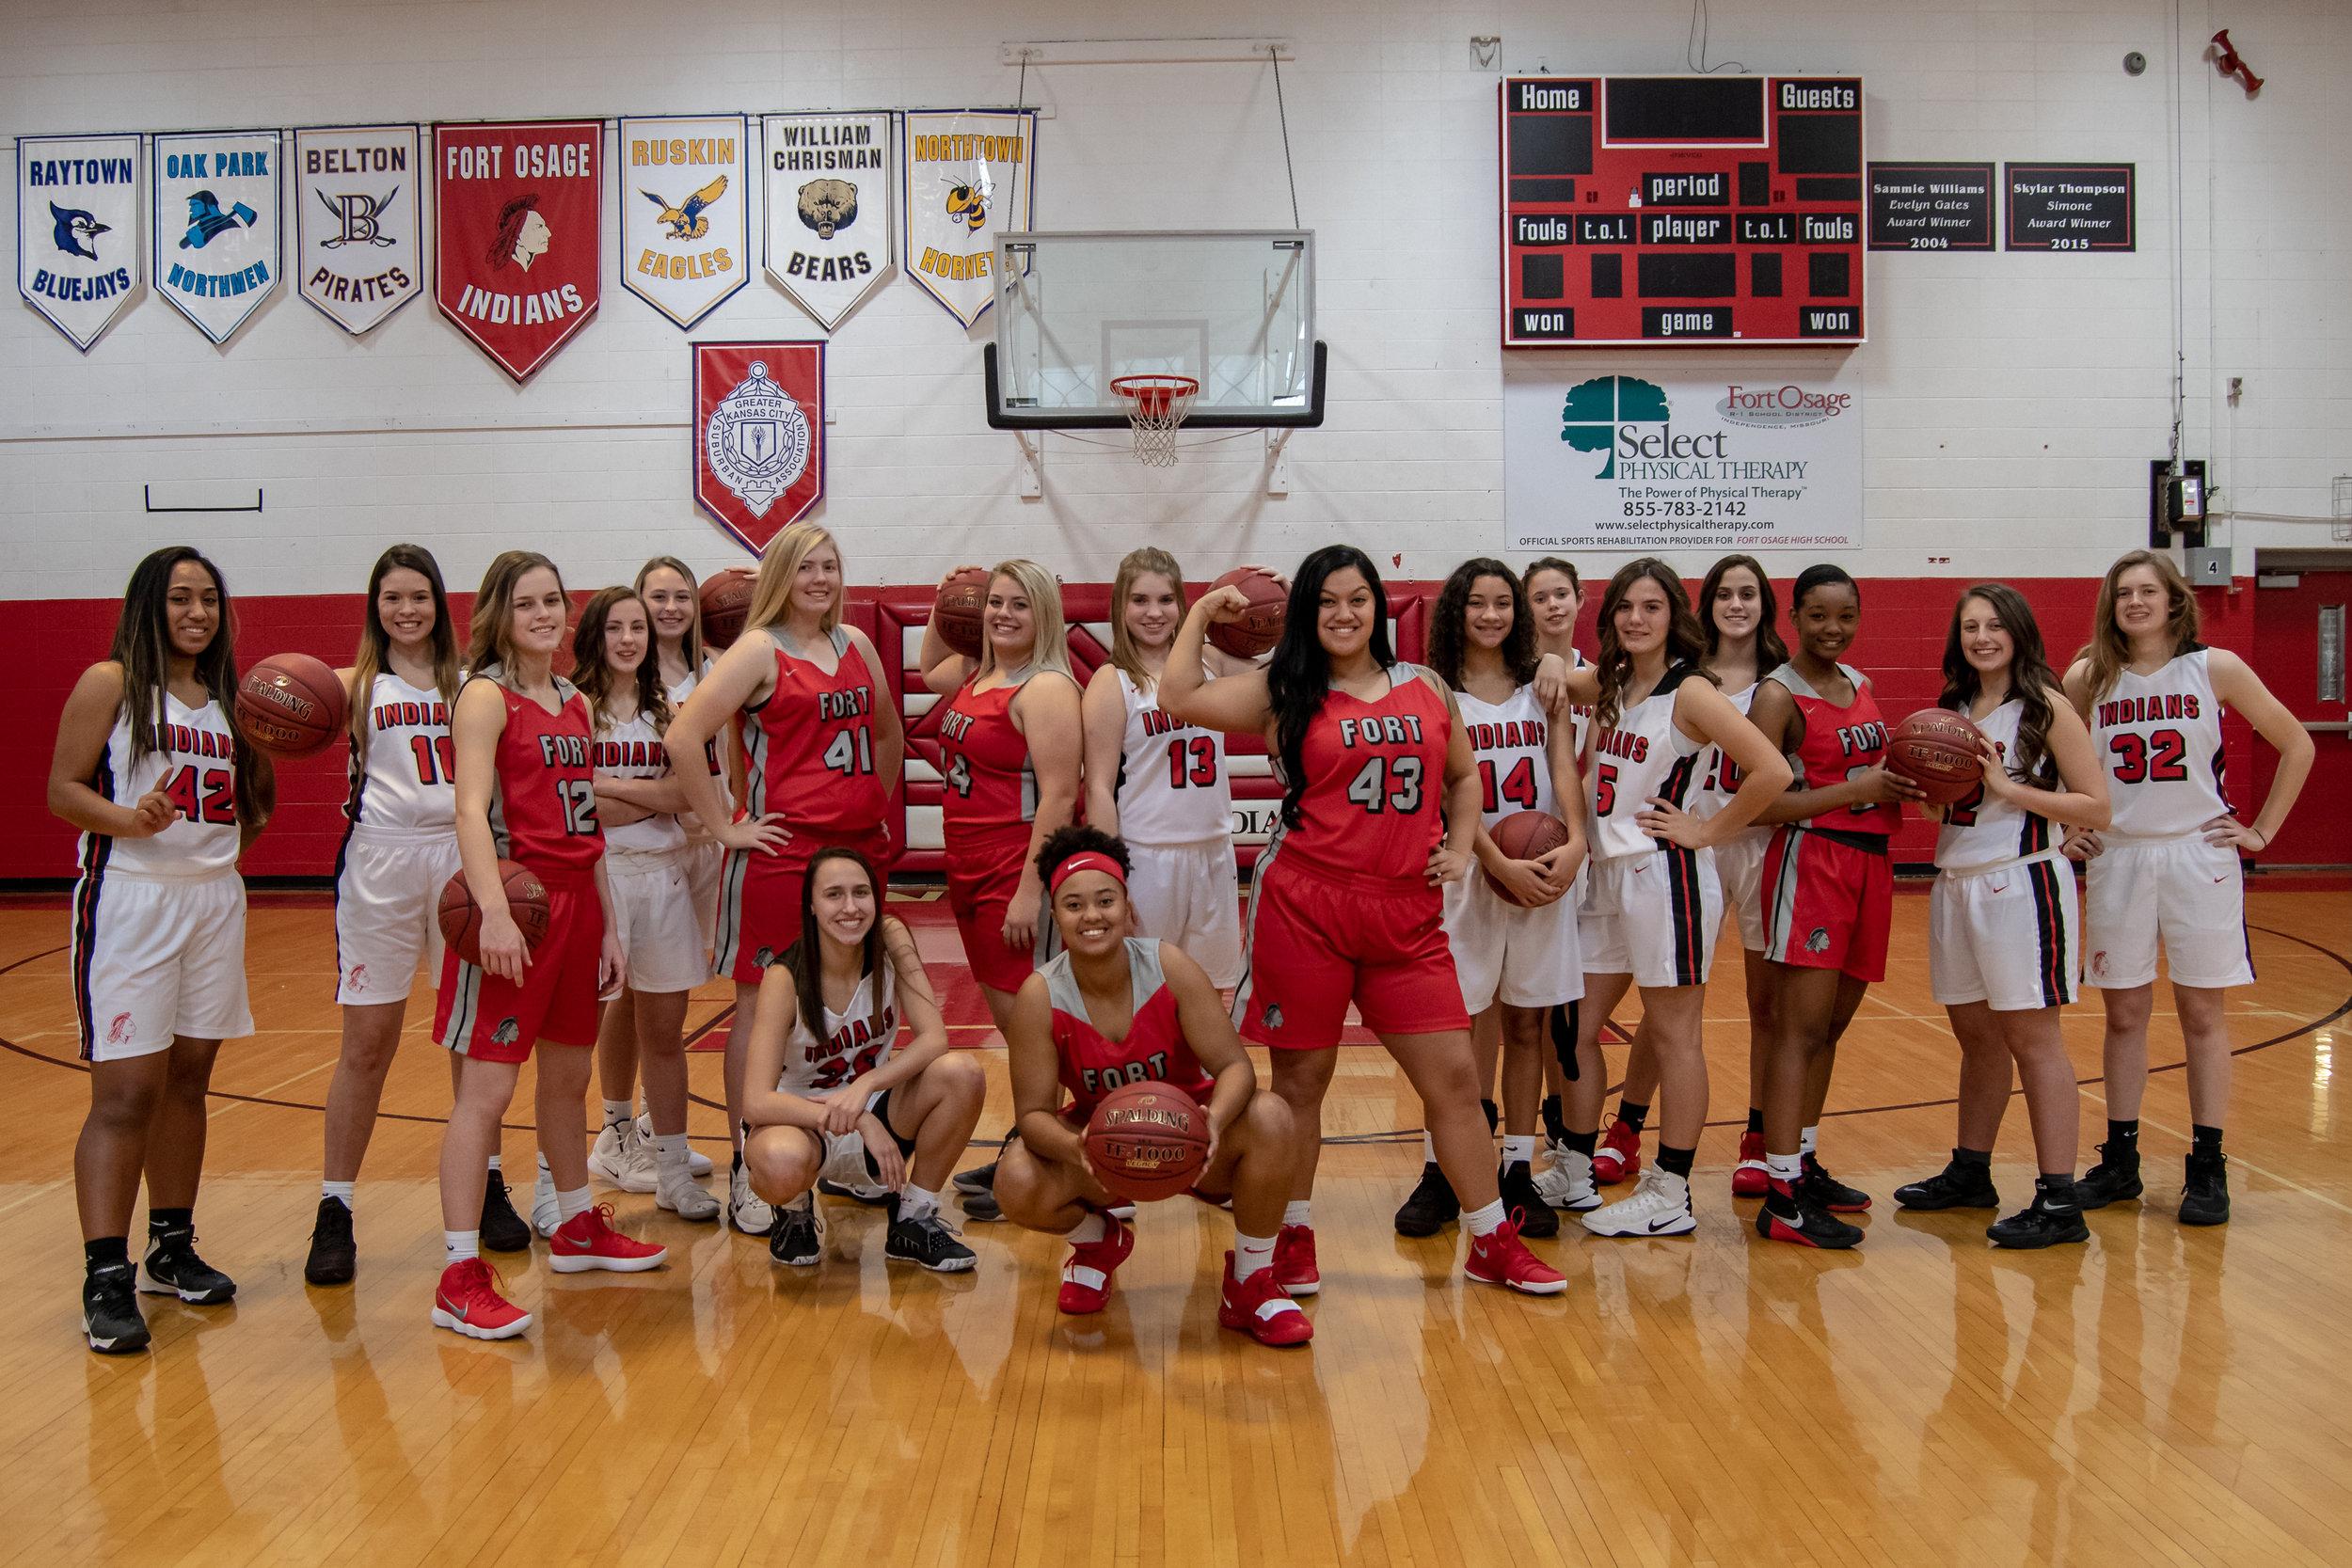 fort-osage-girls-basketball-5-of-93_45353893974_o.jpg